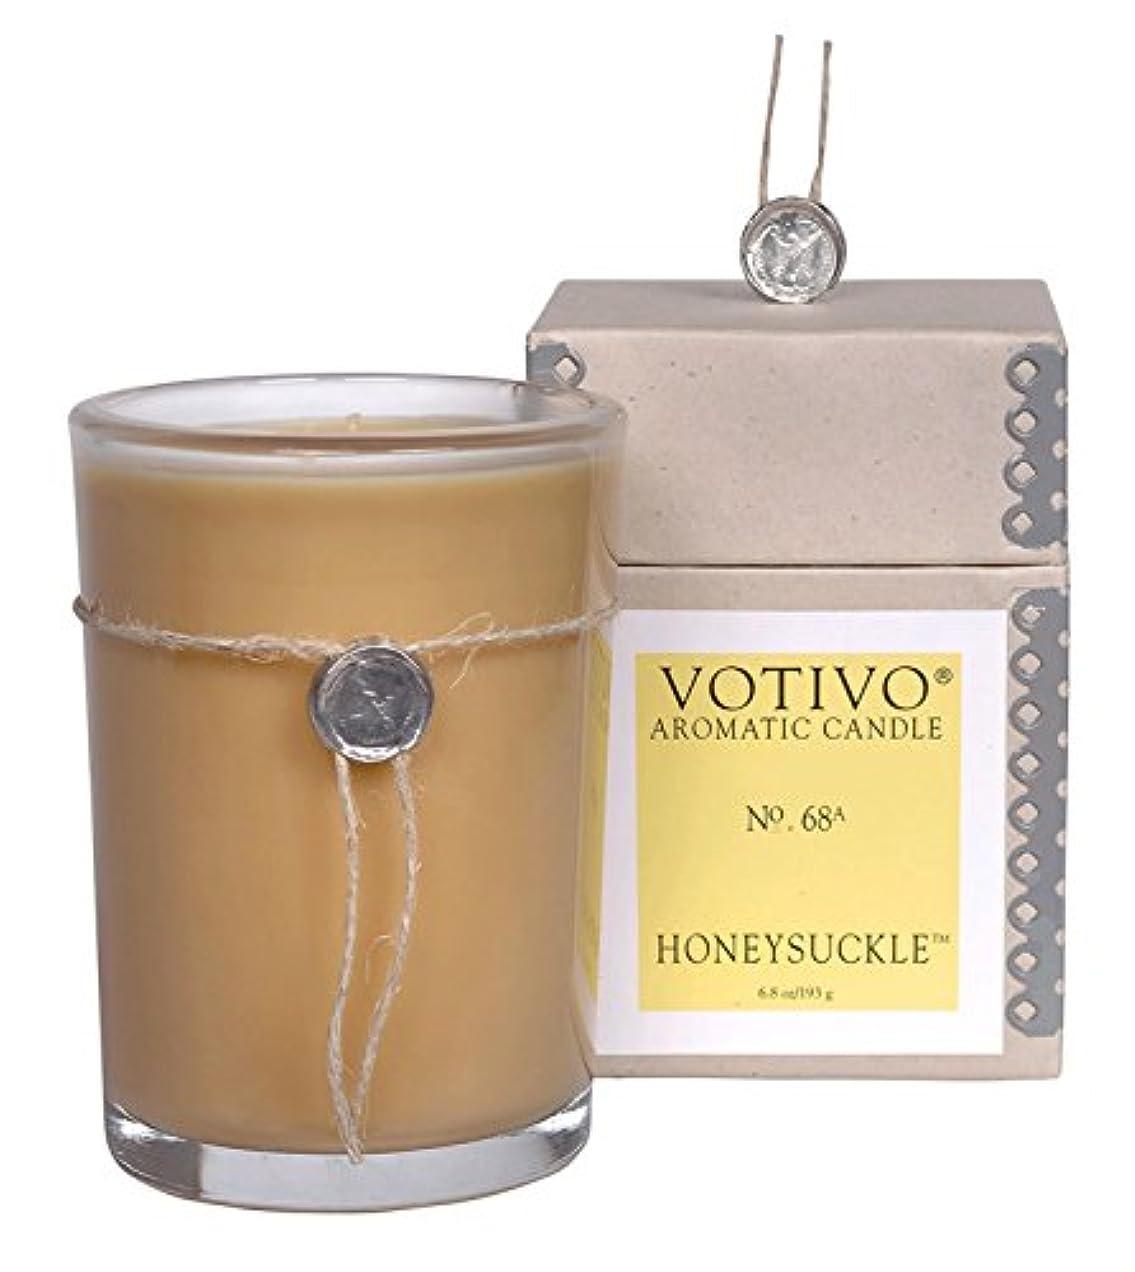 準備ができてファイター文明化VOTIVO グラスキャンドル ハニーサックル